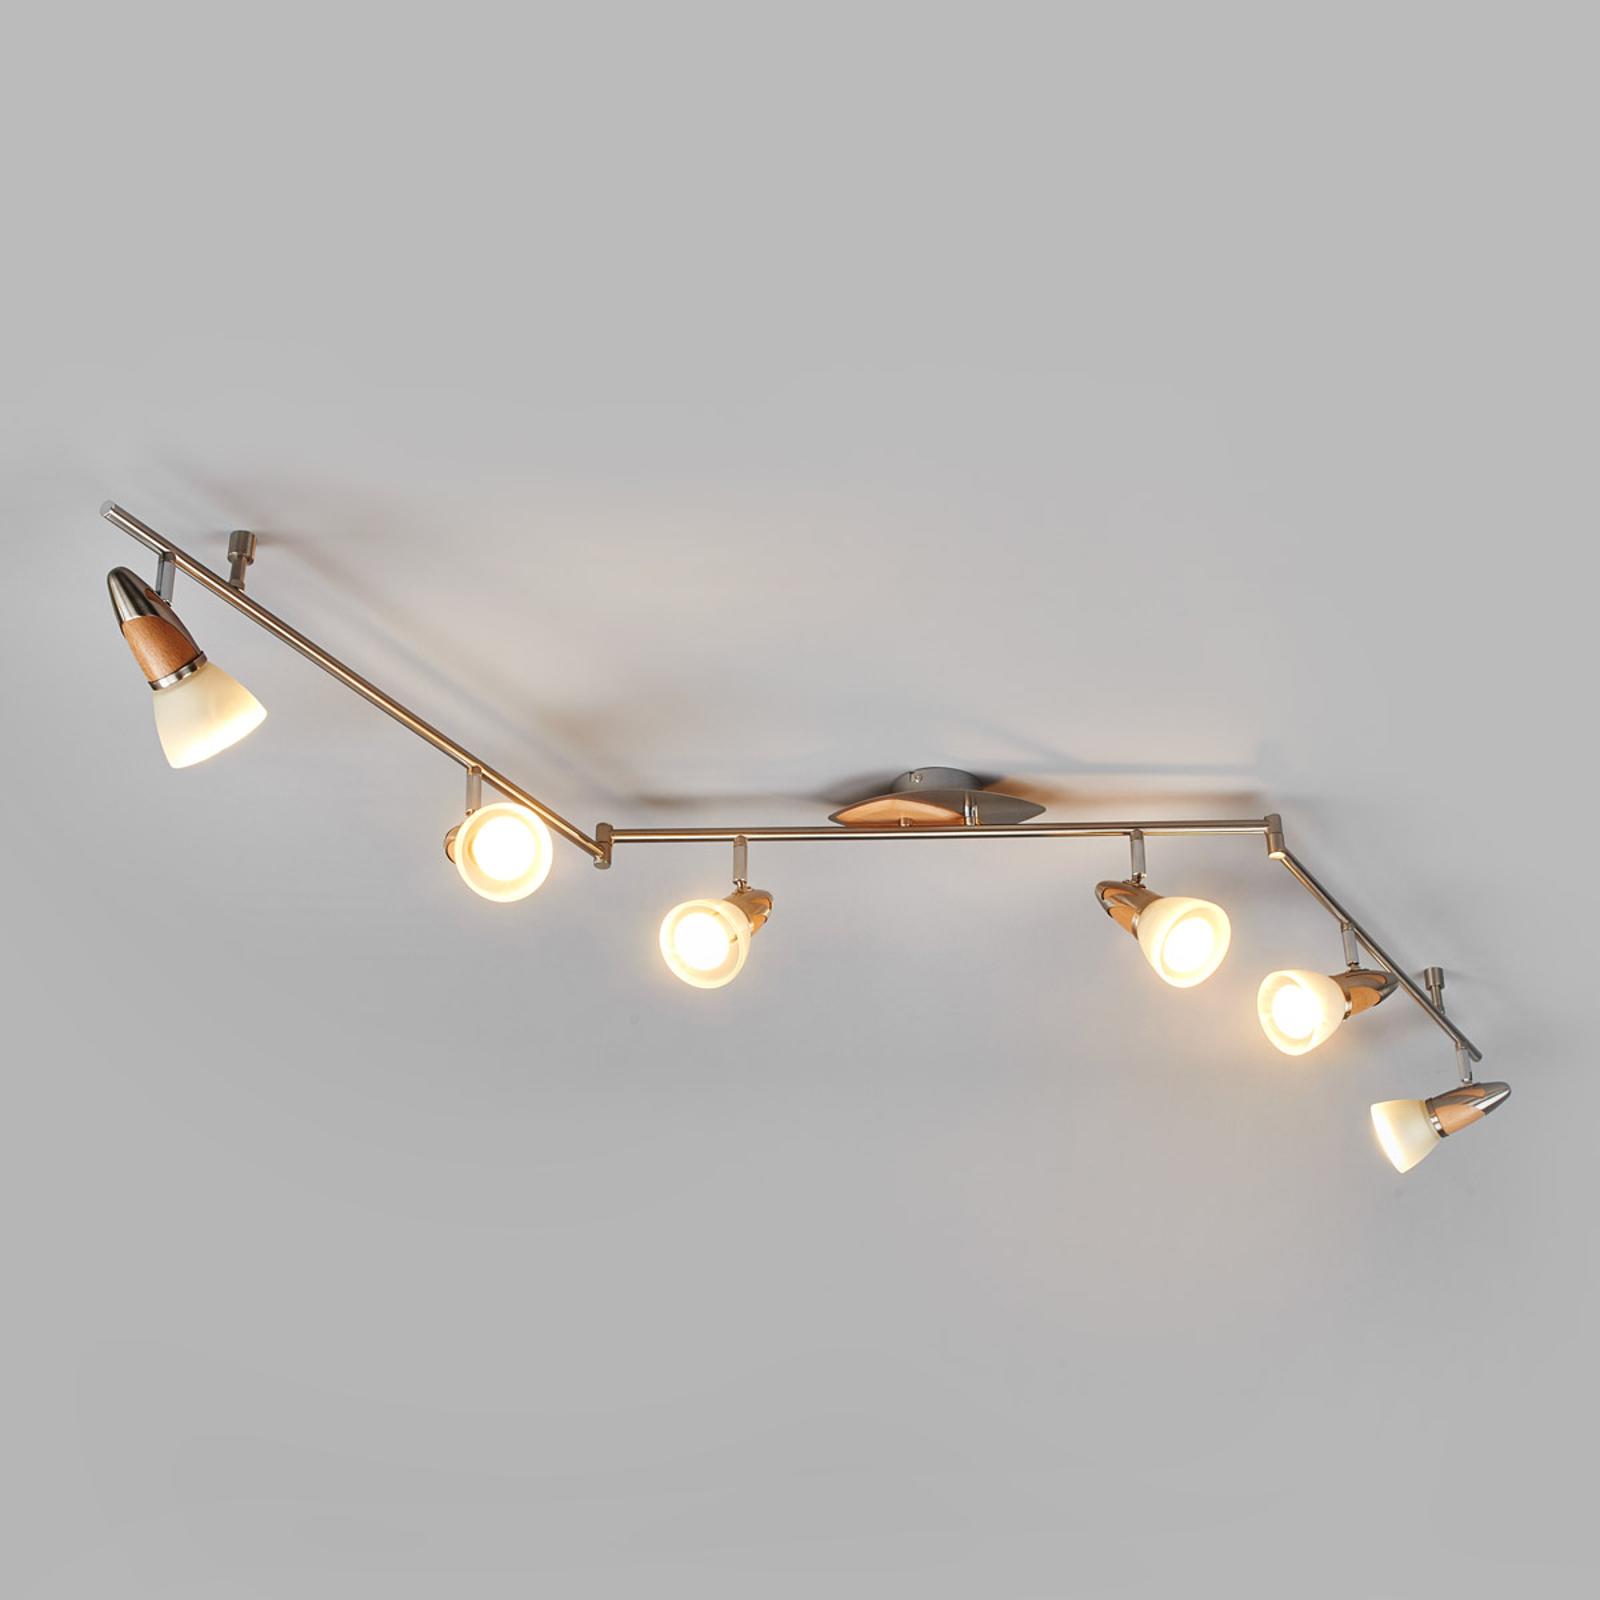 LED-trätaklampa Marena, 6 ljuskällor